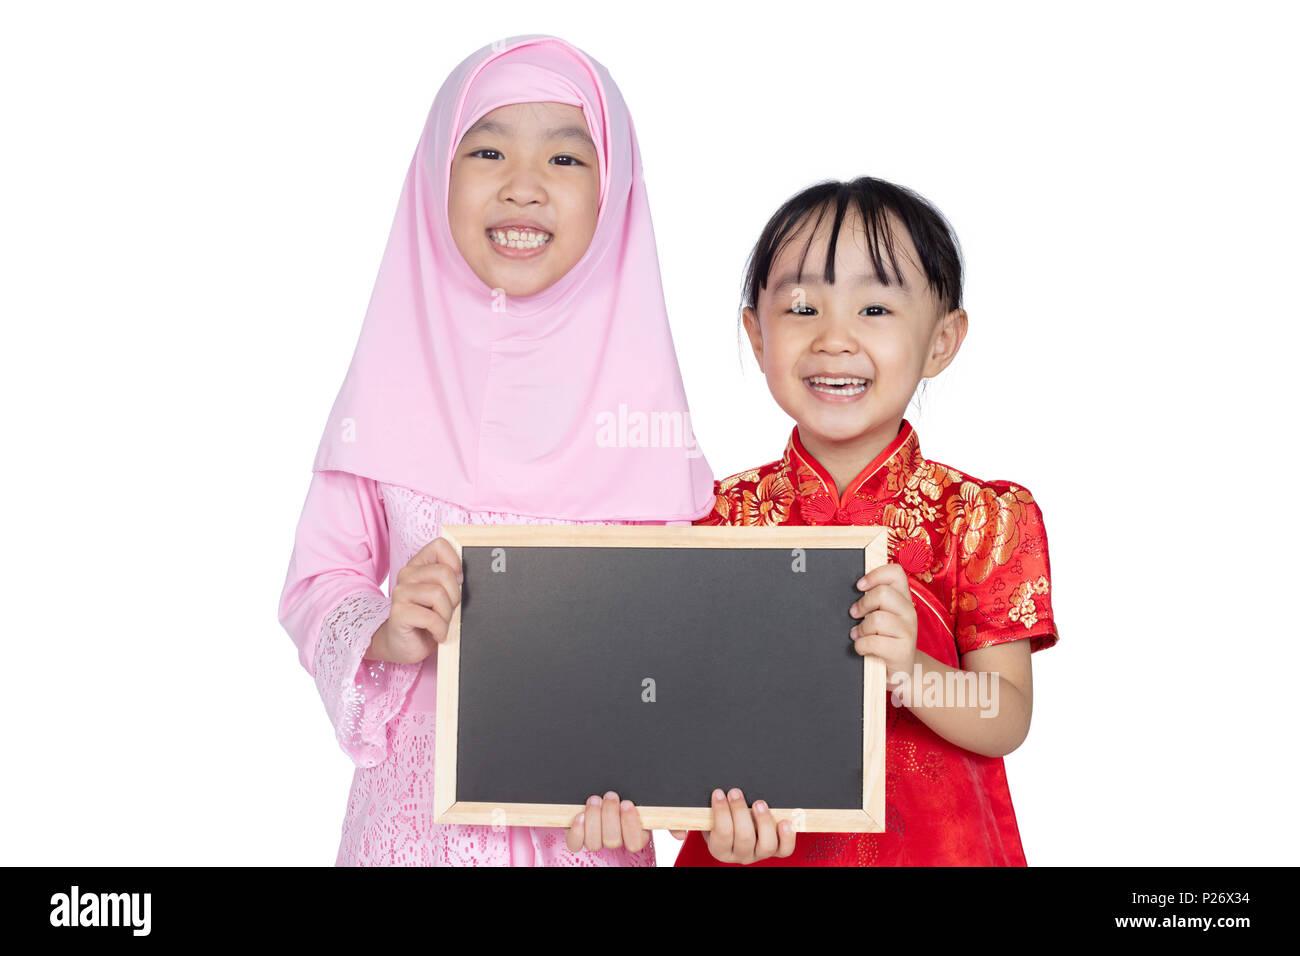 Malay Ethnicity Imágenes De Stock & Malay Ethnicity Fotos De Stock ...